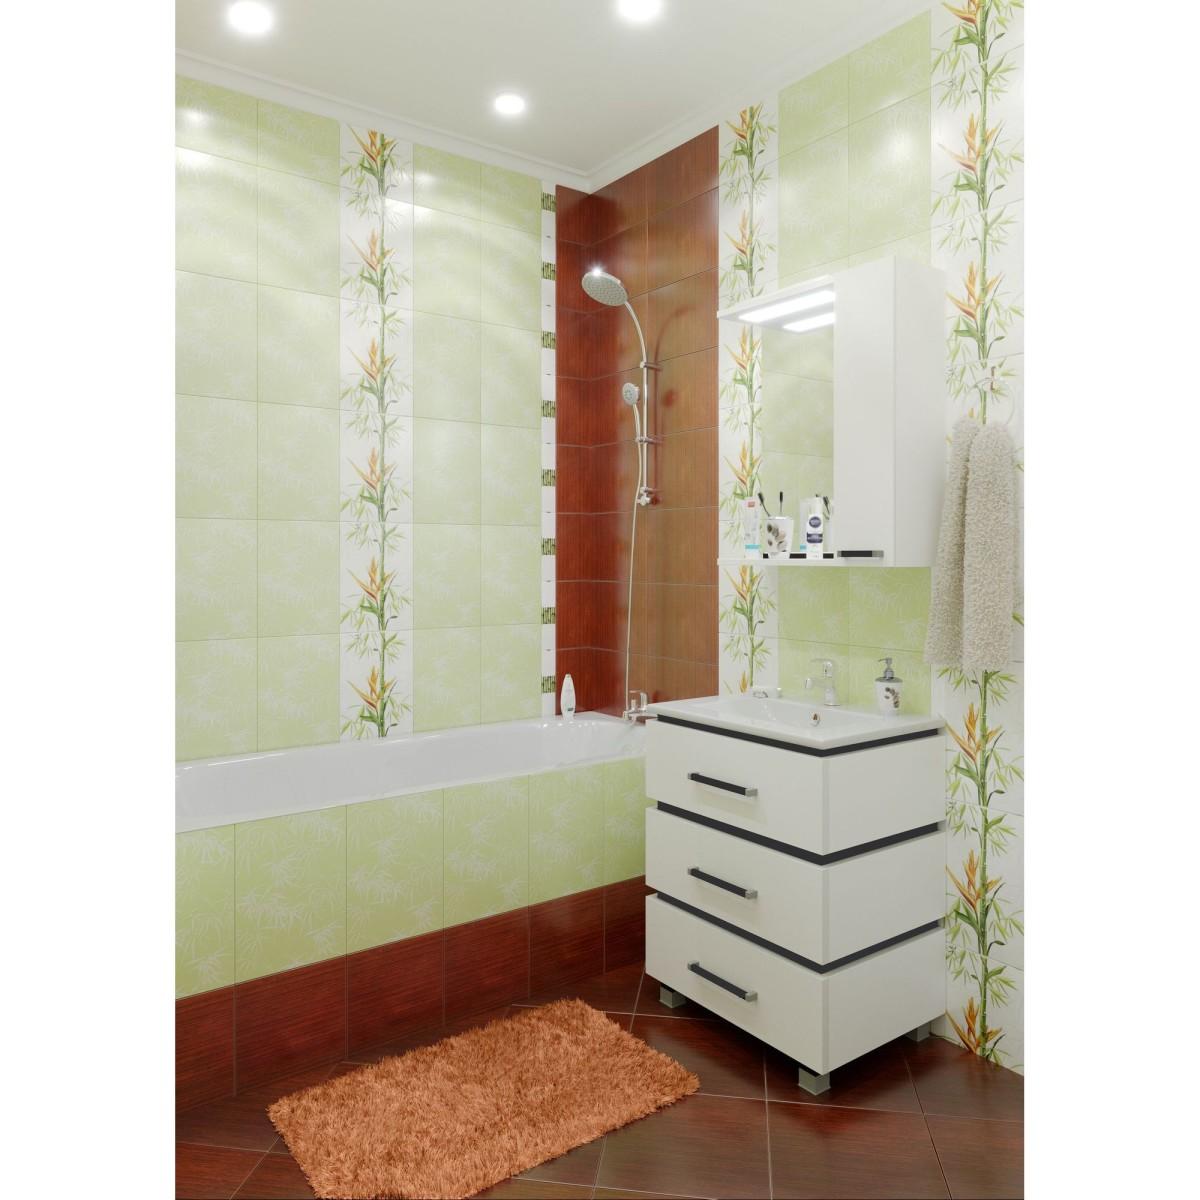 Плитка настенная Wood (WOB301R) цвет бежевый 20x25 см 1 м2